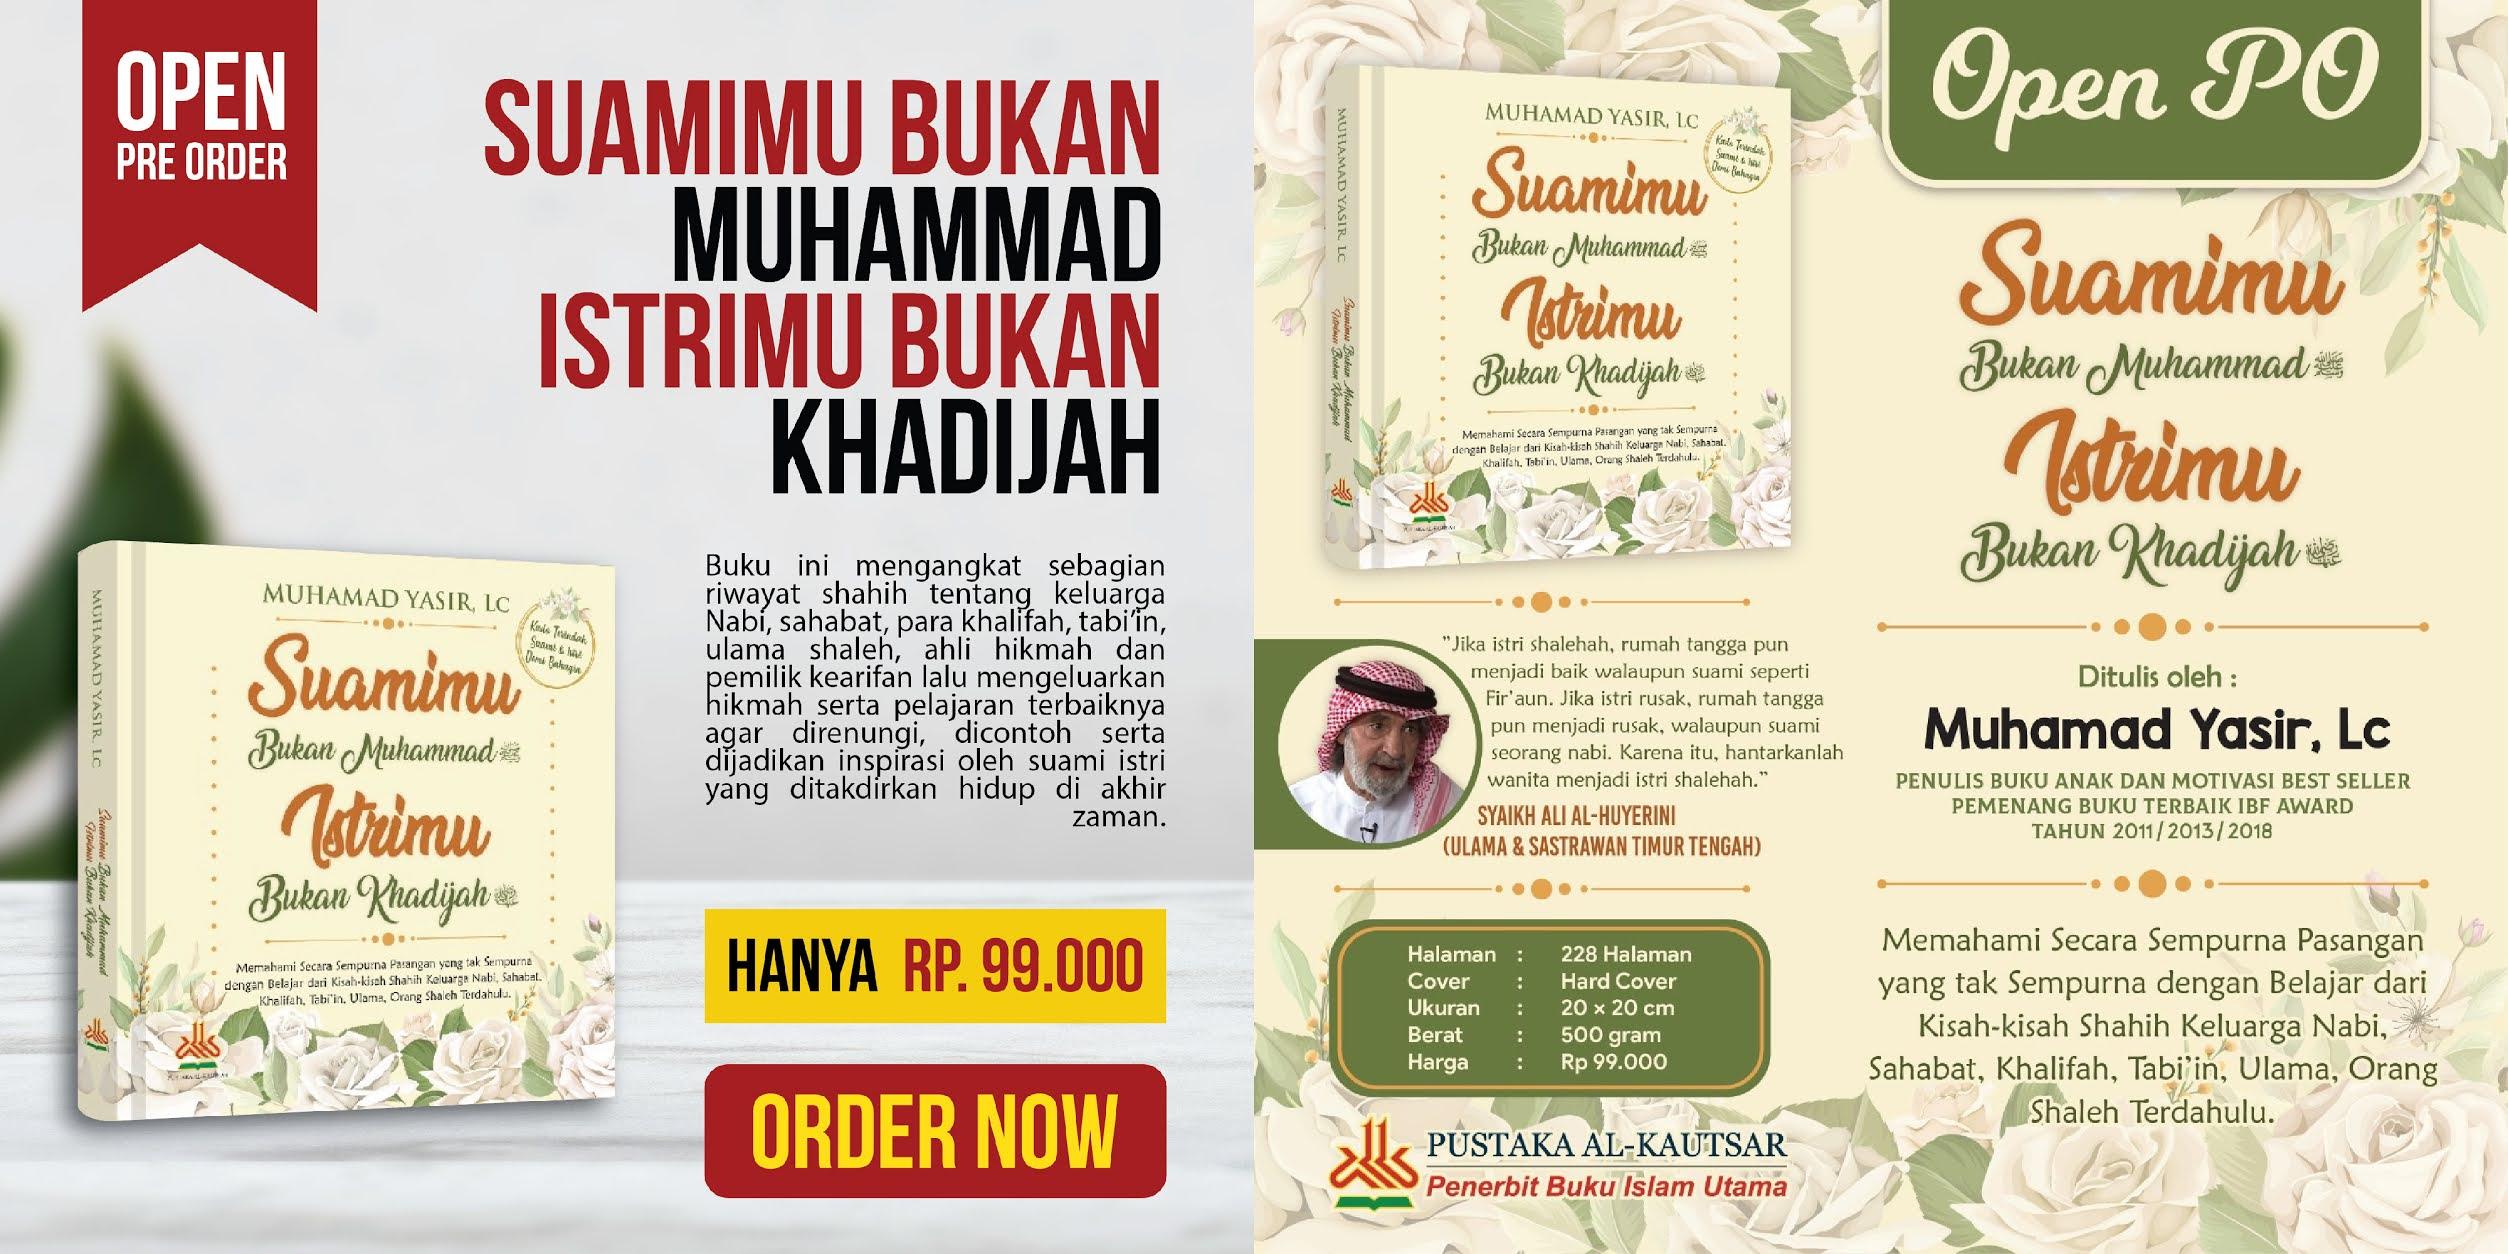 Order Buku Suamimu Bukan Muhammad -  Walimahanid